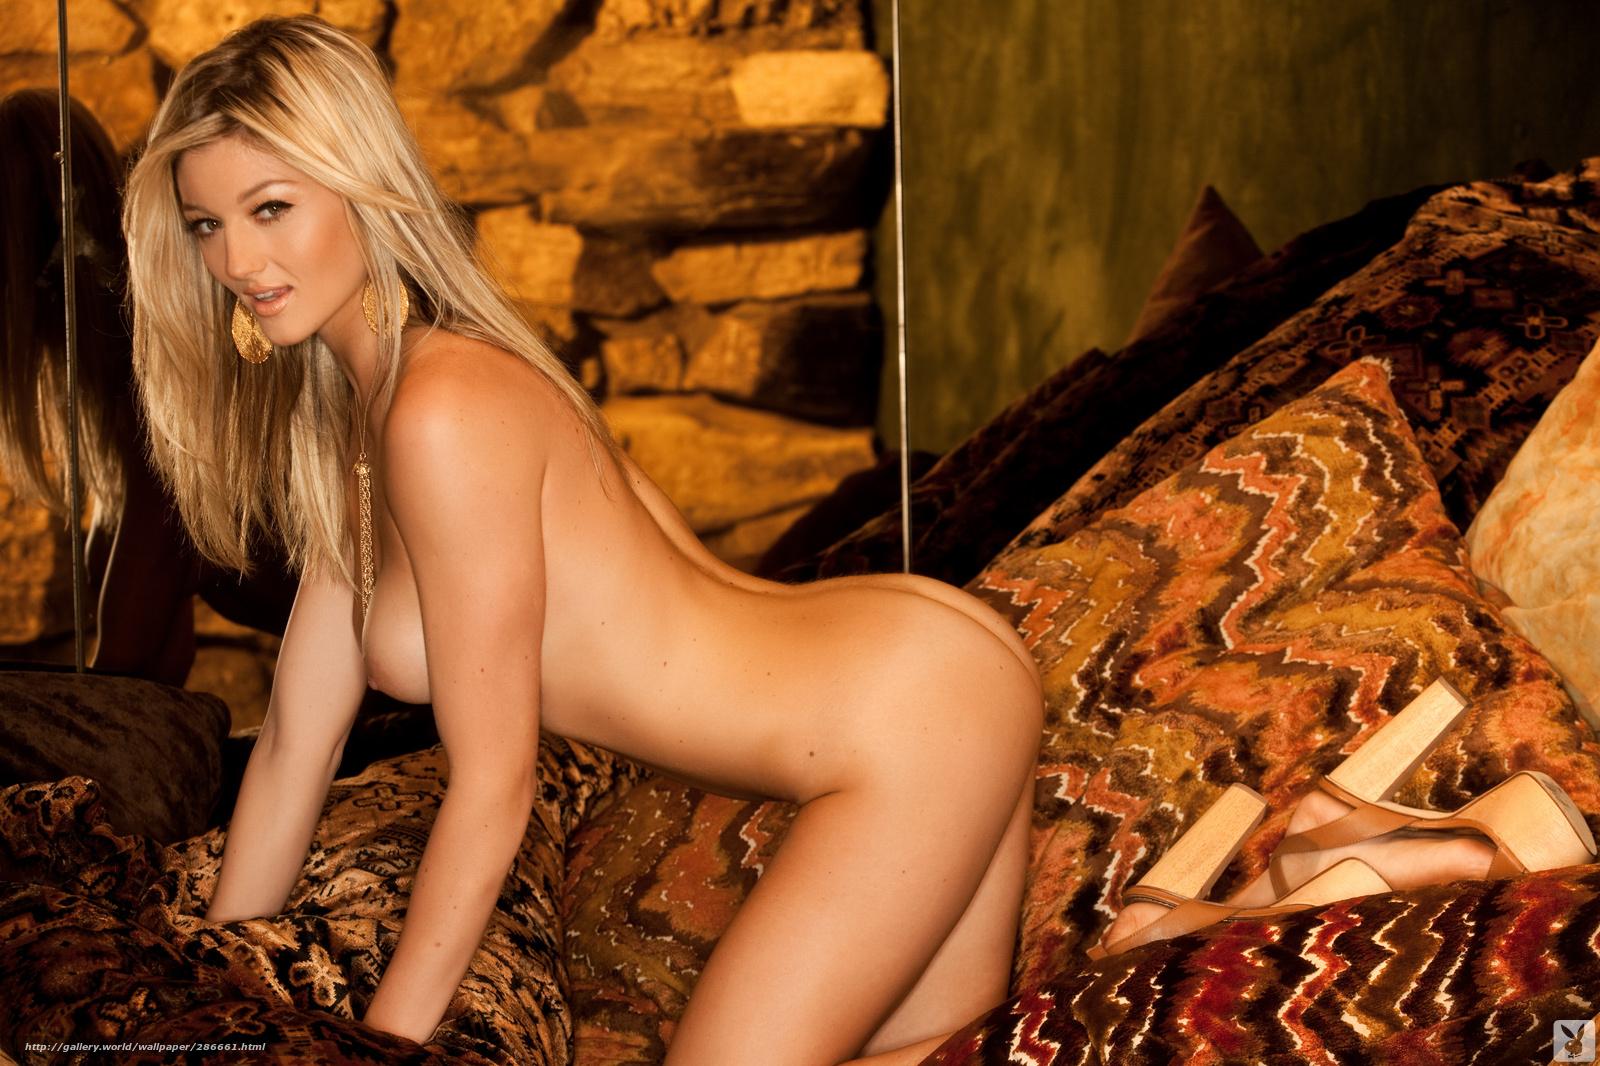 С блондинкой с офигенной грудью 19 фотография